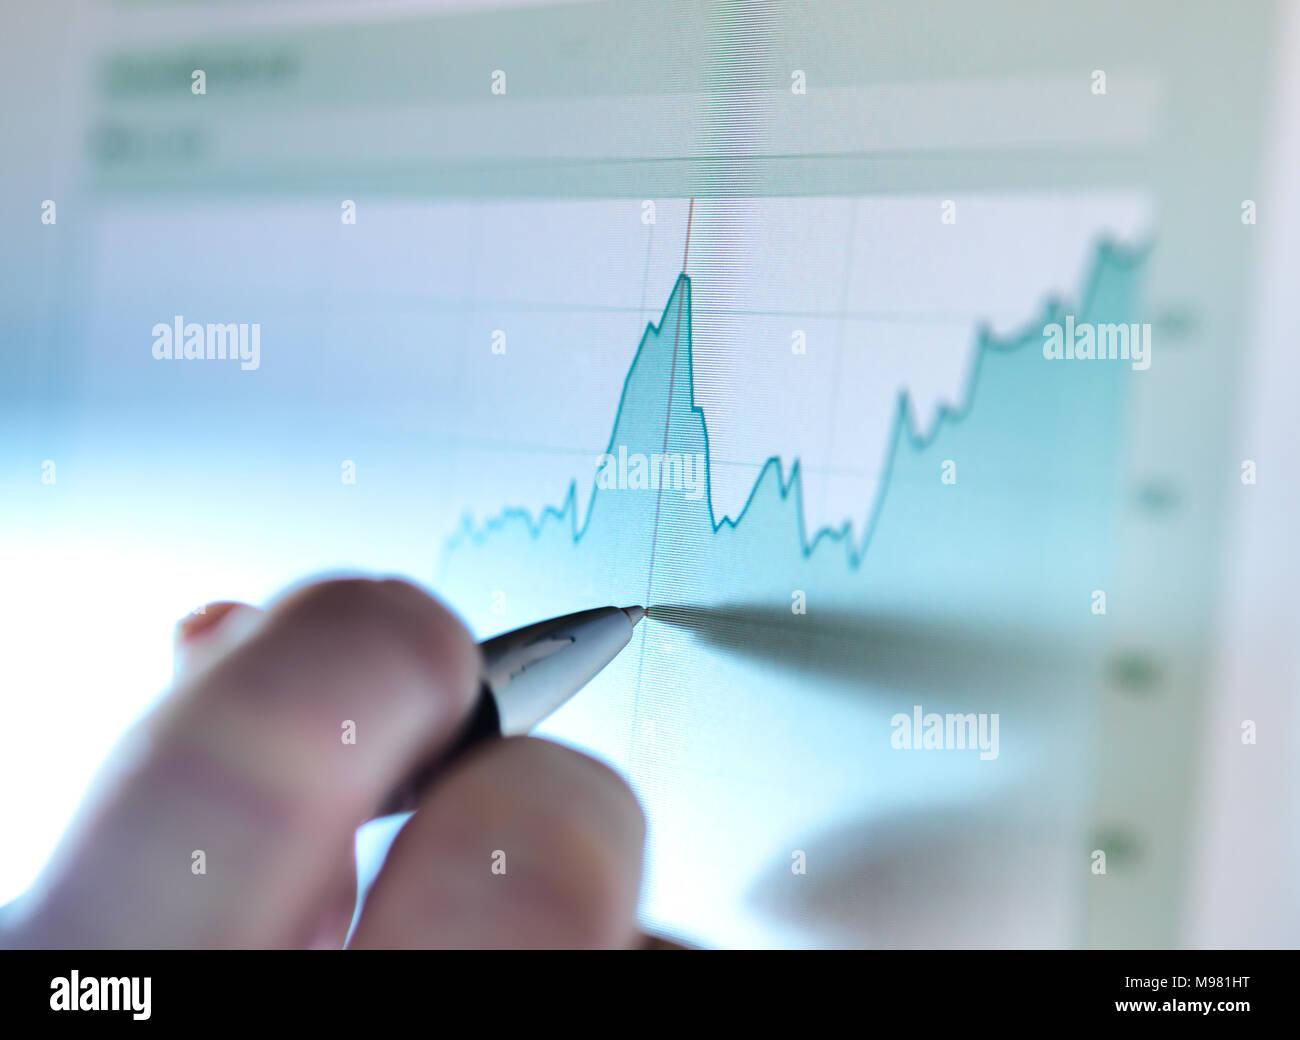 Mano de un corredor de bolsa análisis gráfico de líneas en la pantalla de ordenador Imagen De Stock